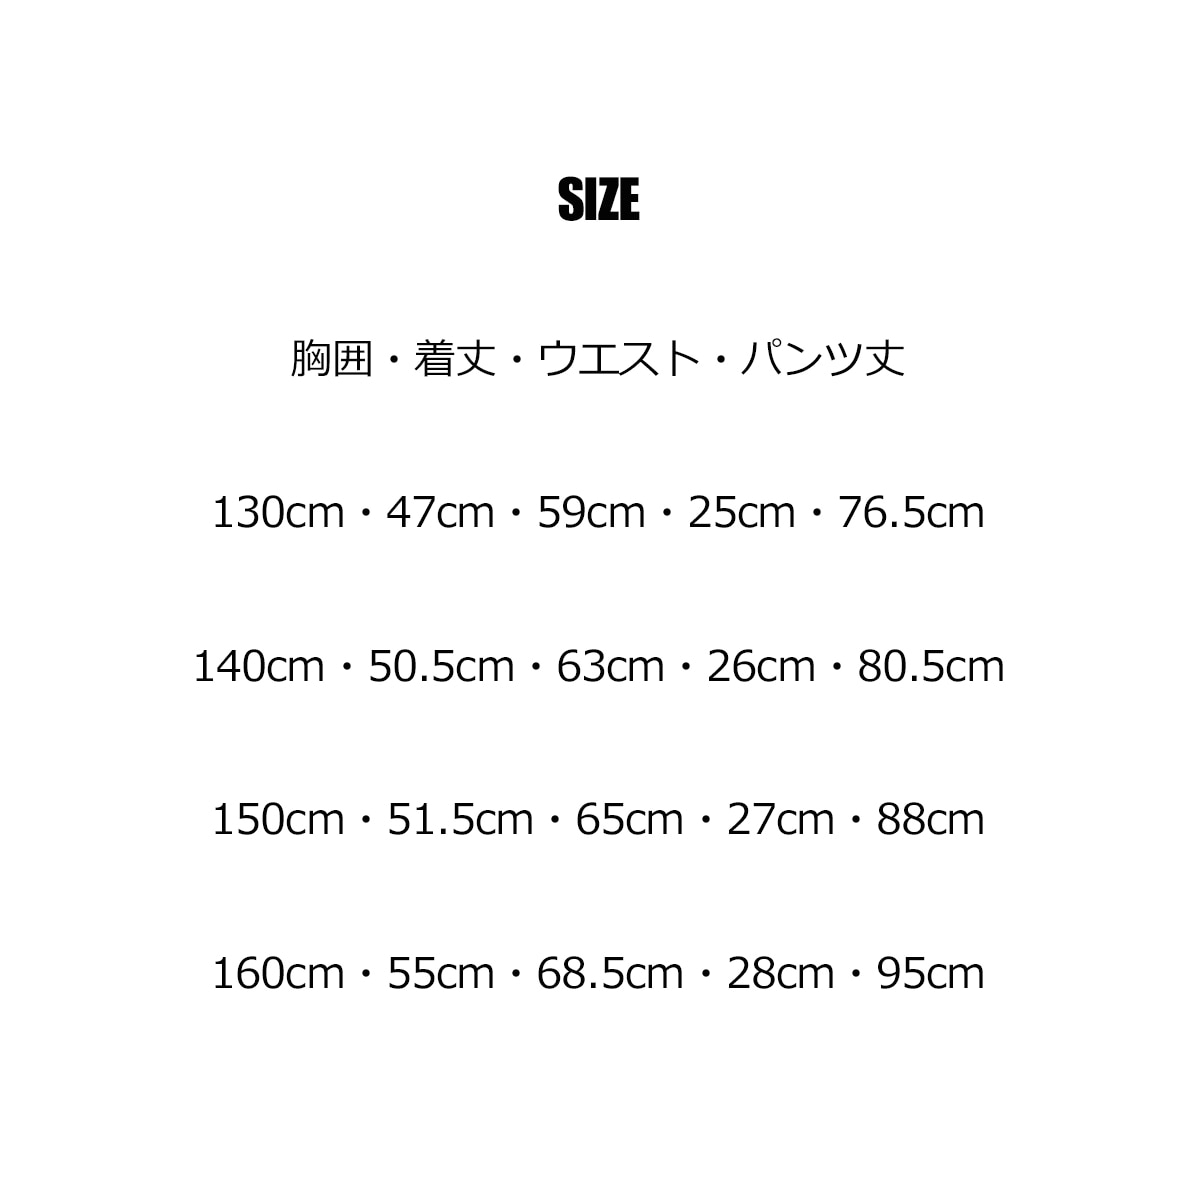 SHISKYワッフル素材半袖Tシャツ×レギンスセットアップ サイズ